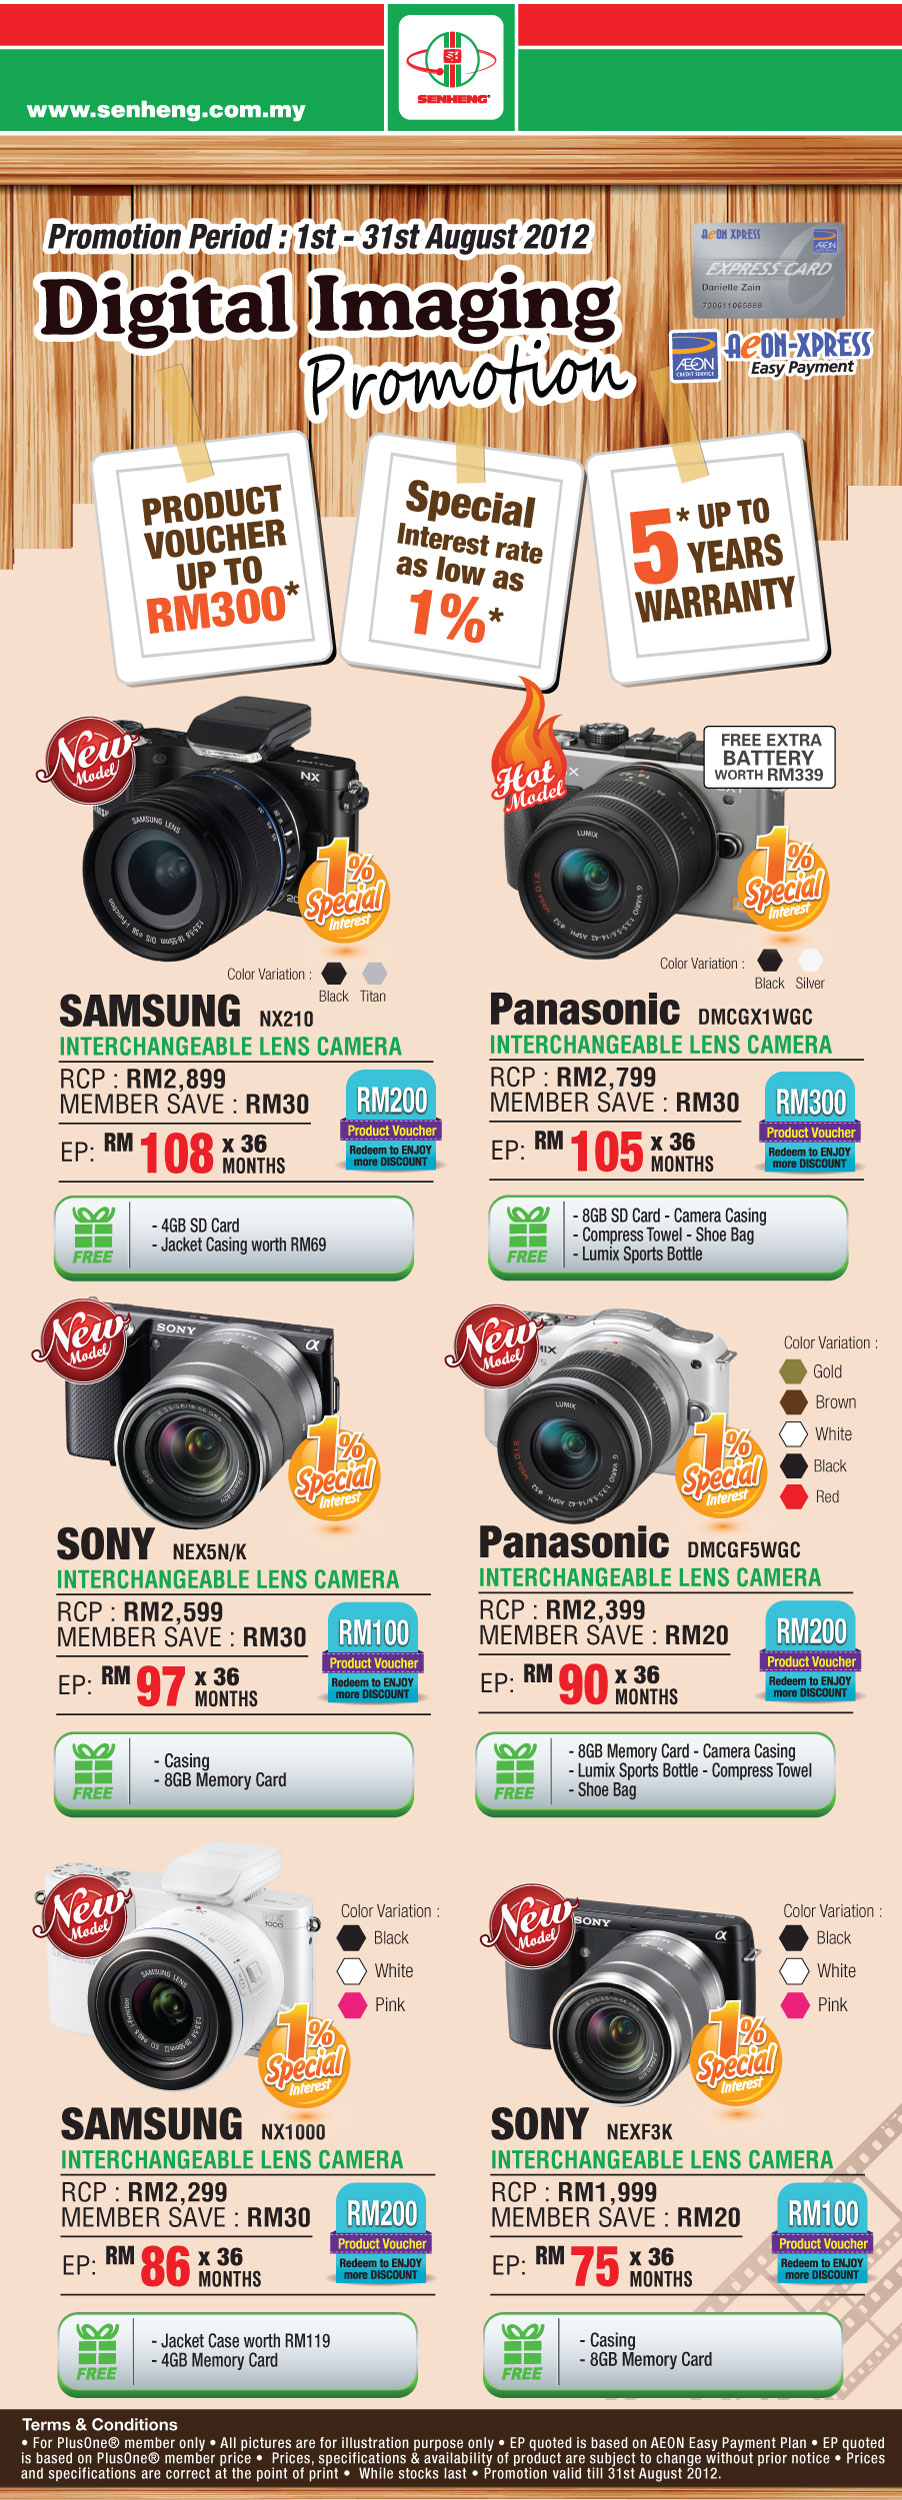 Promosi Hebat Produk Kamera Digital Hanya Di Senheng